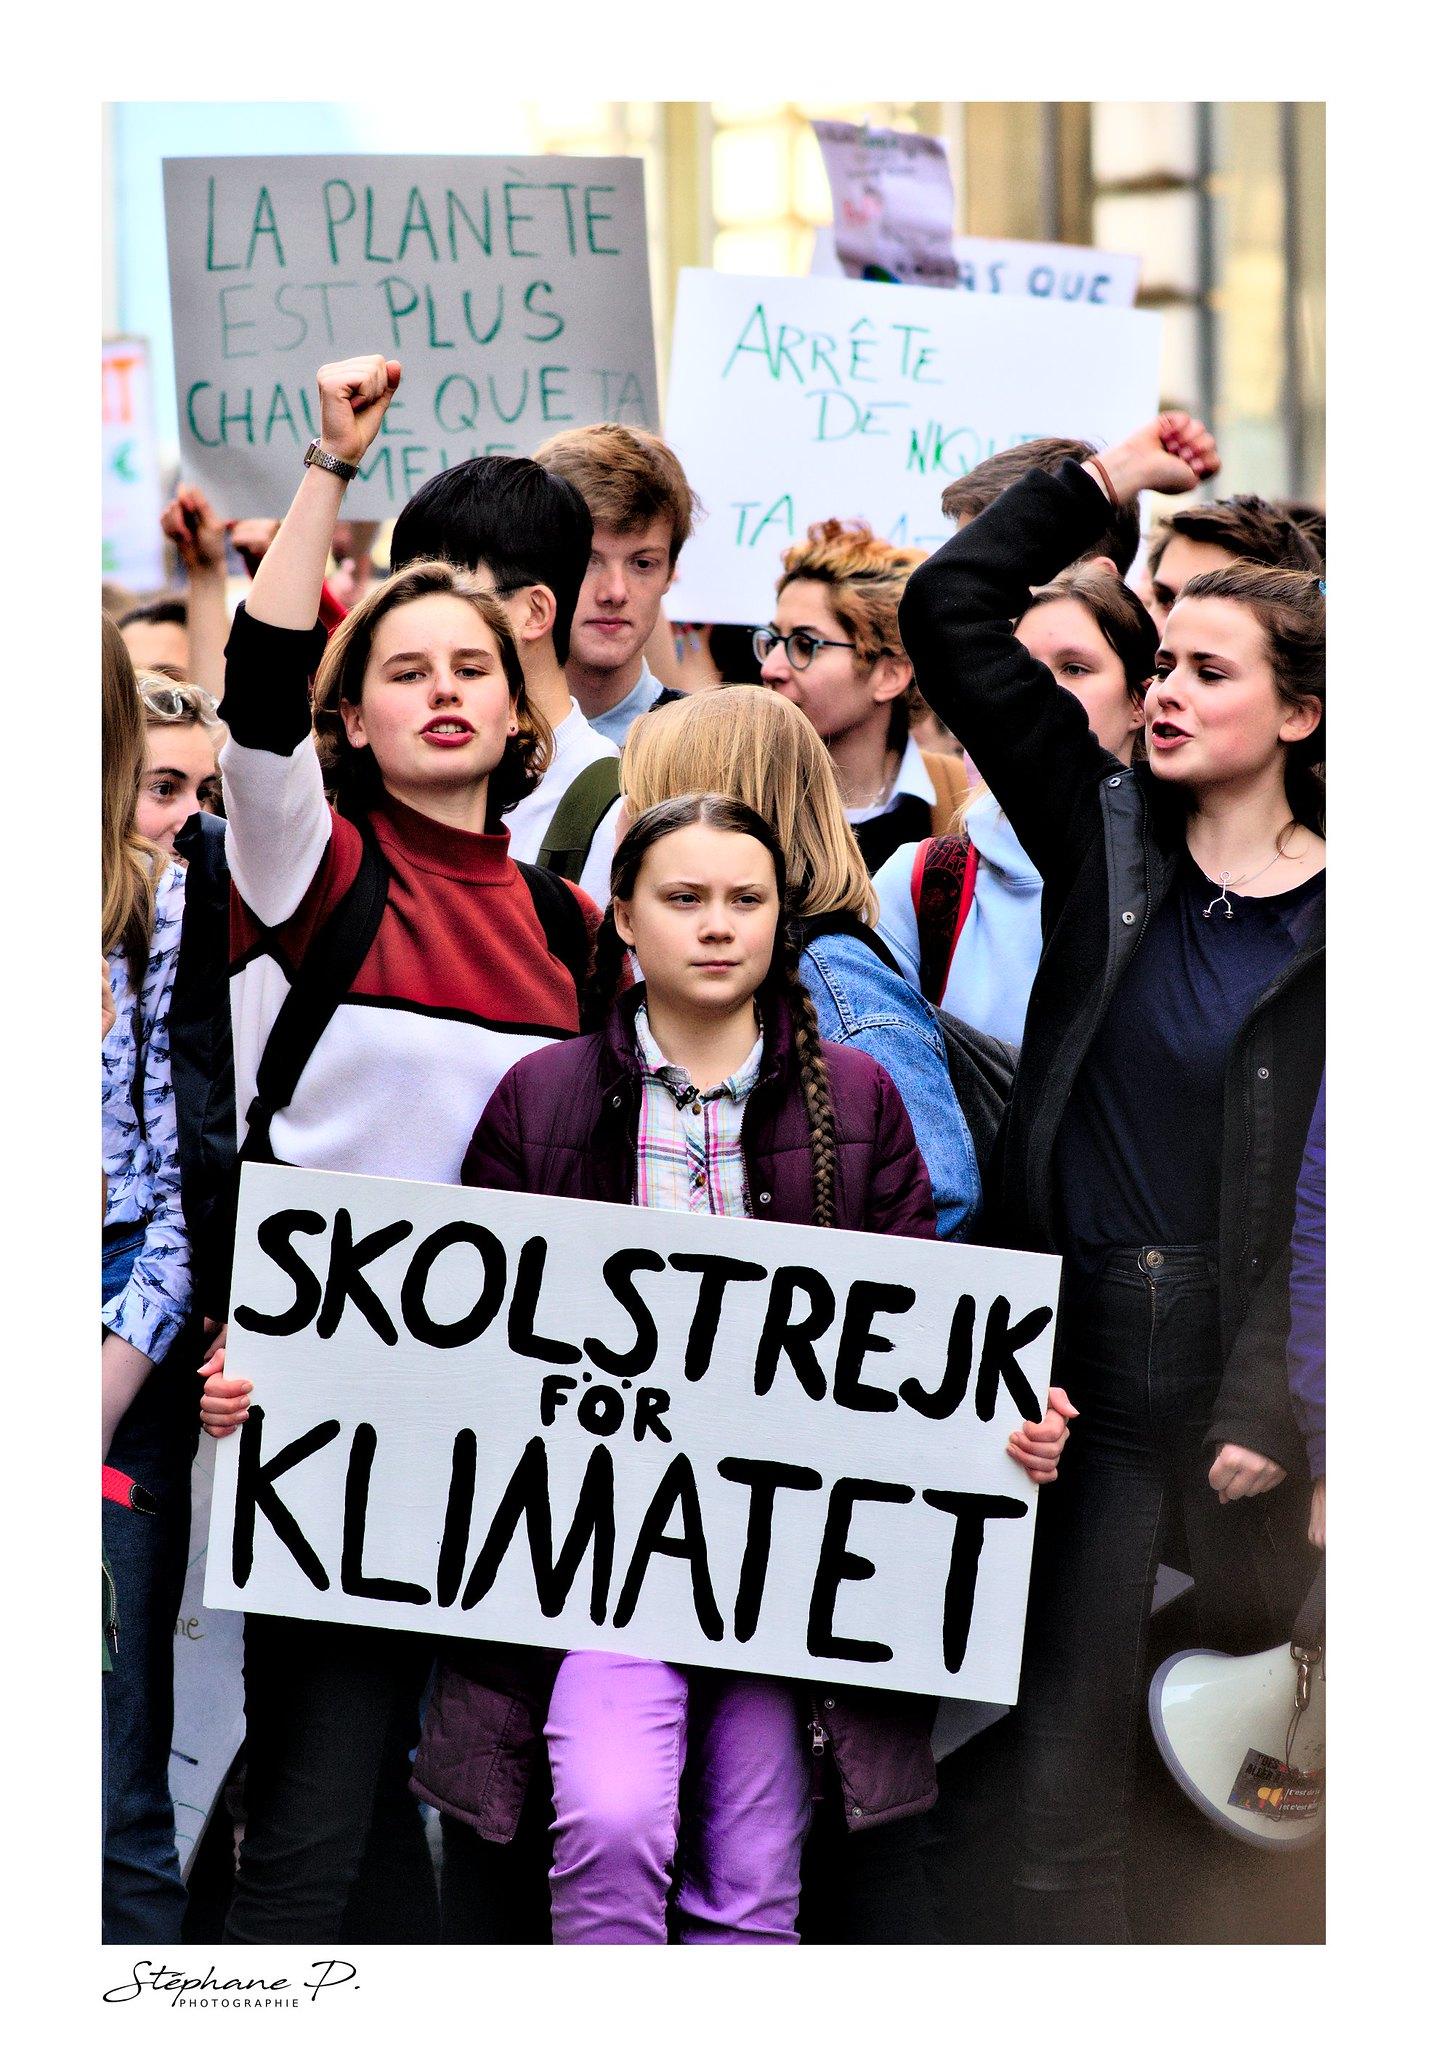 圖/瑞典少女桑伯格今年二月間在巴黎的氣候變遷遊行現場。(stephane_p)(CC BY-NC-ND 2.0)